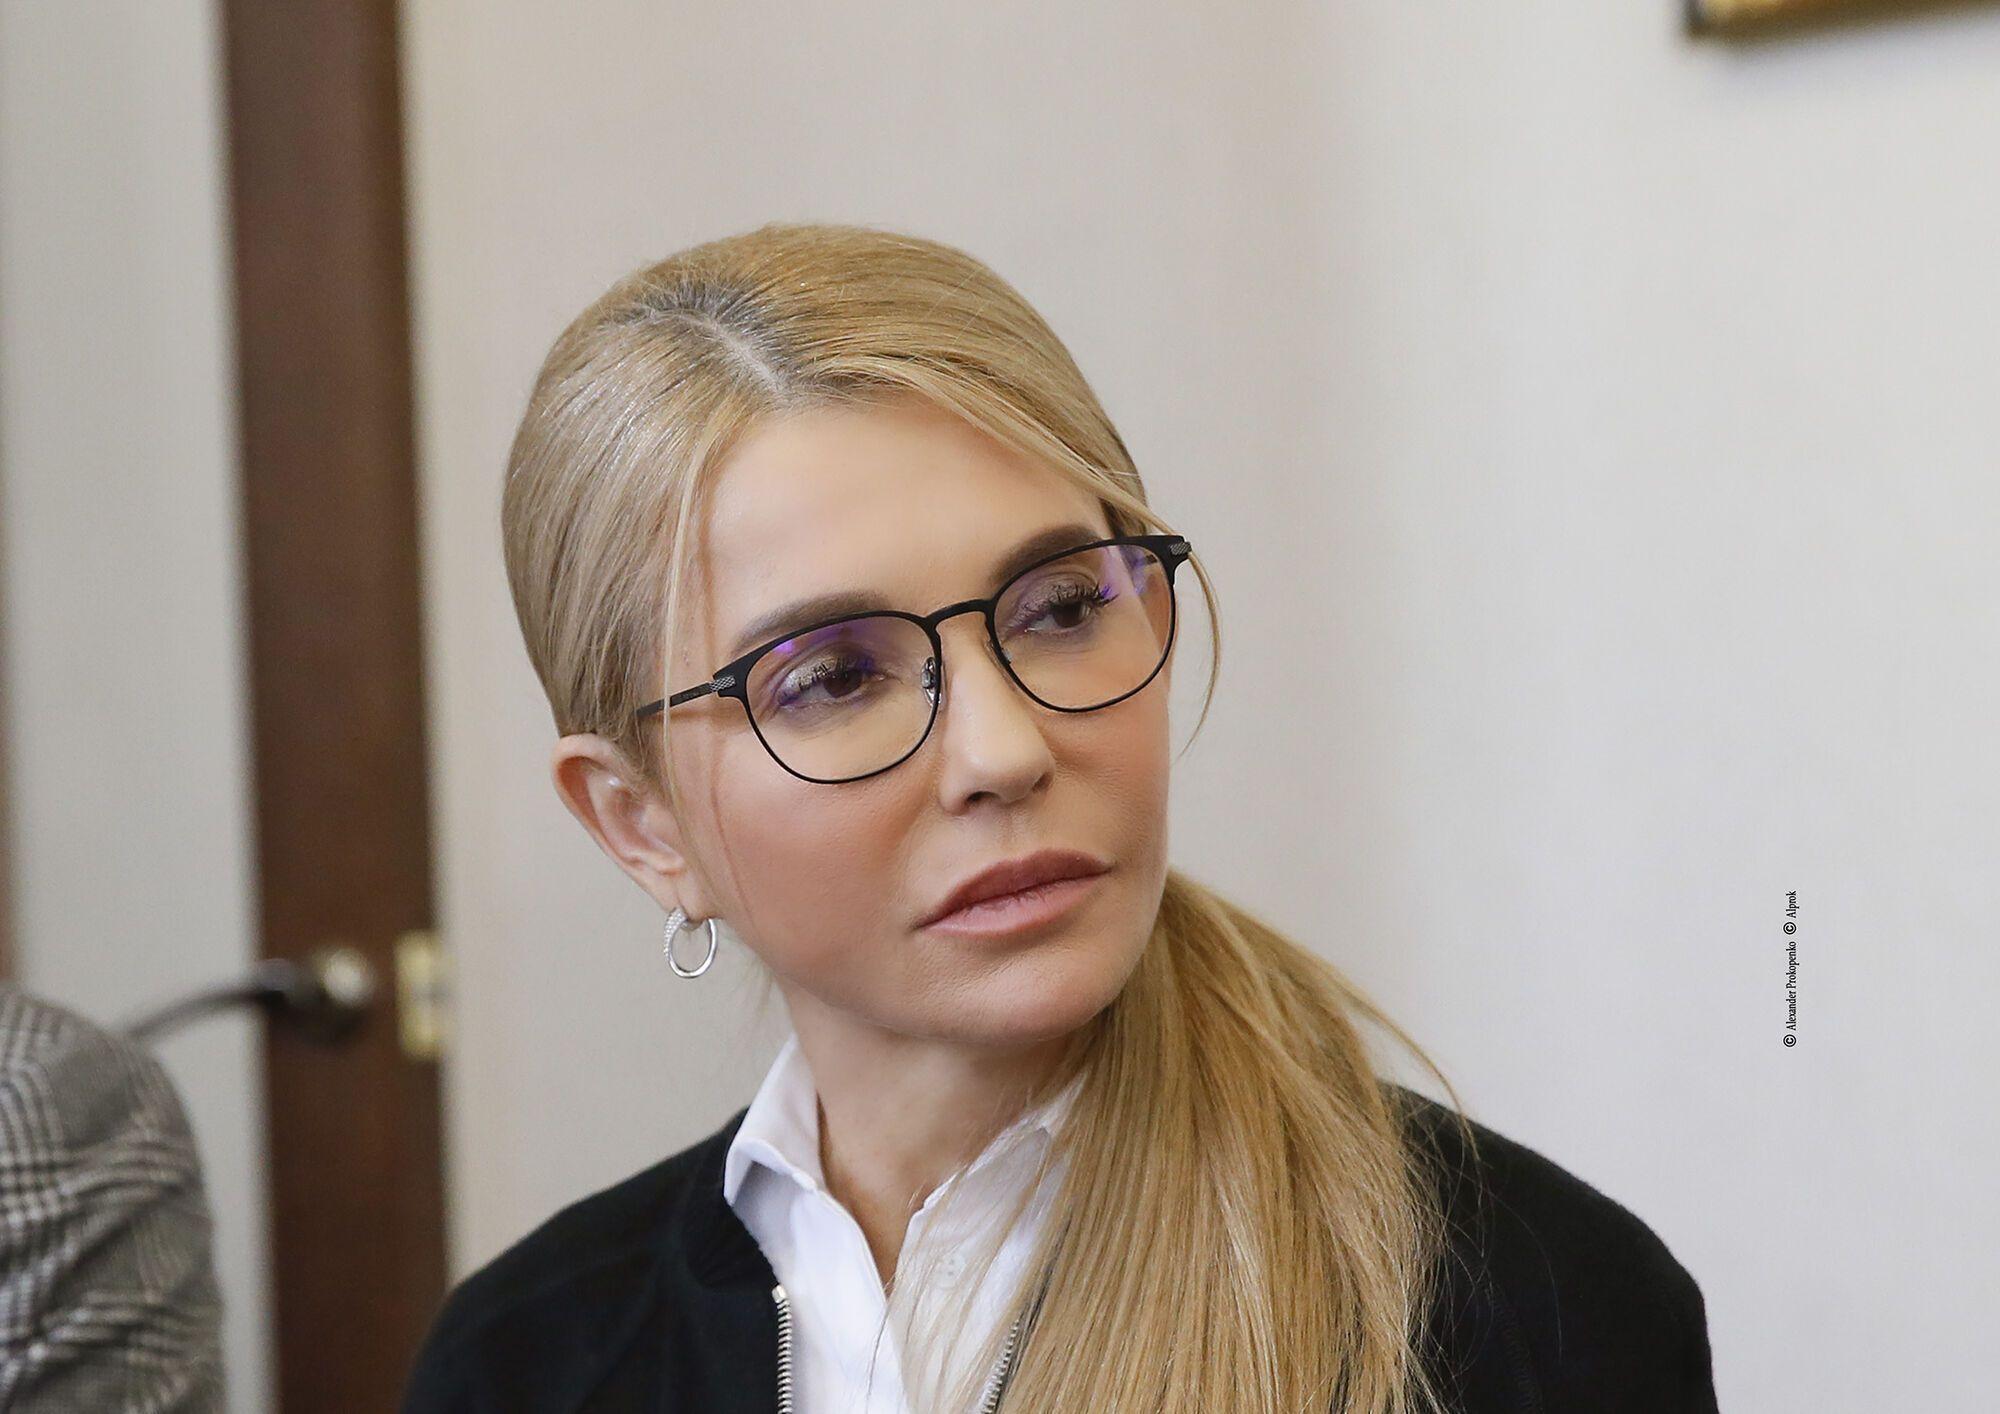 Людей и местные бюджеты вгоняют в долги, уверена Тимошенко